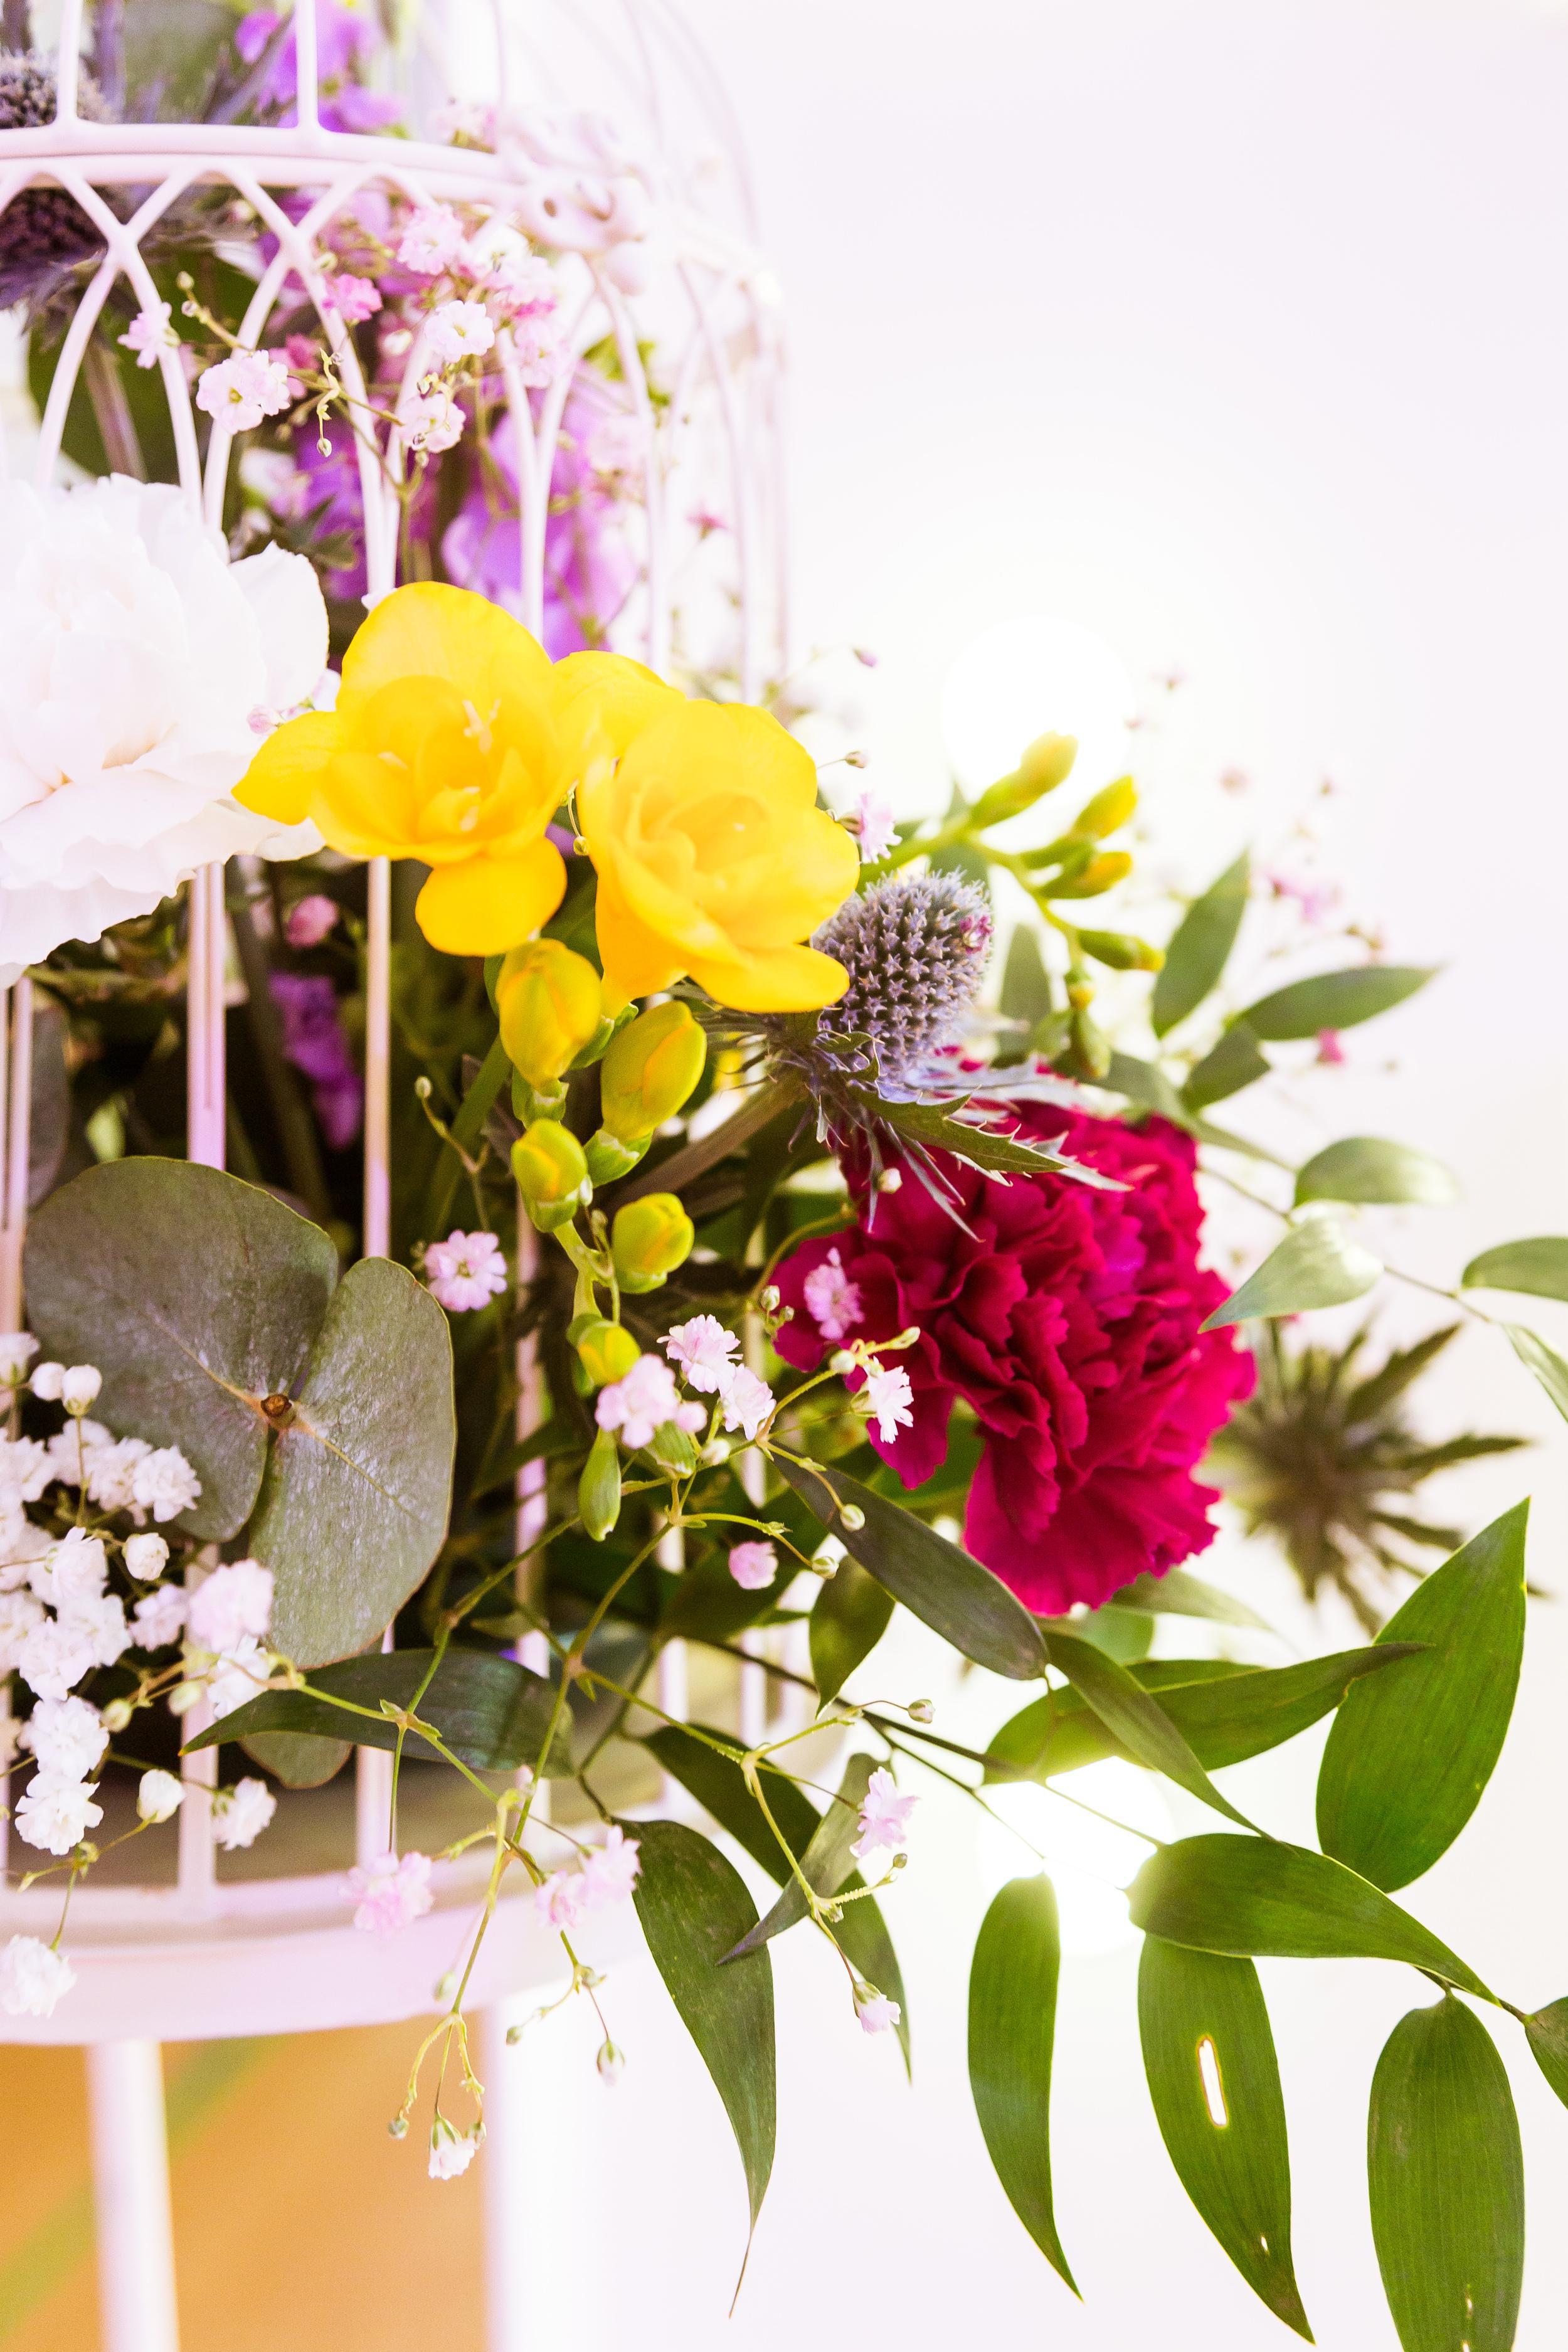 Woodchurch - ashford - kent wedding - flowers